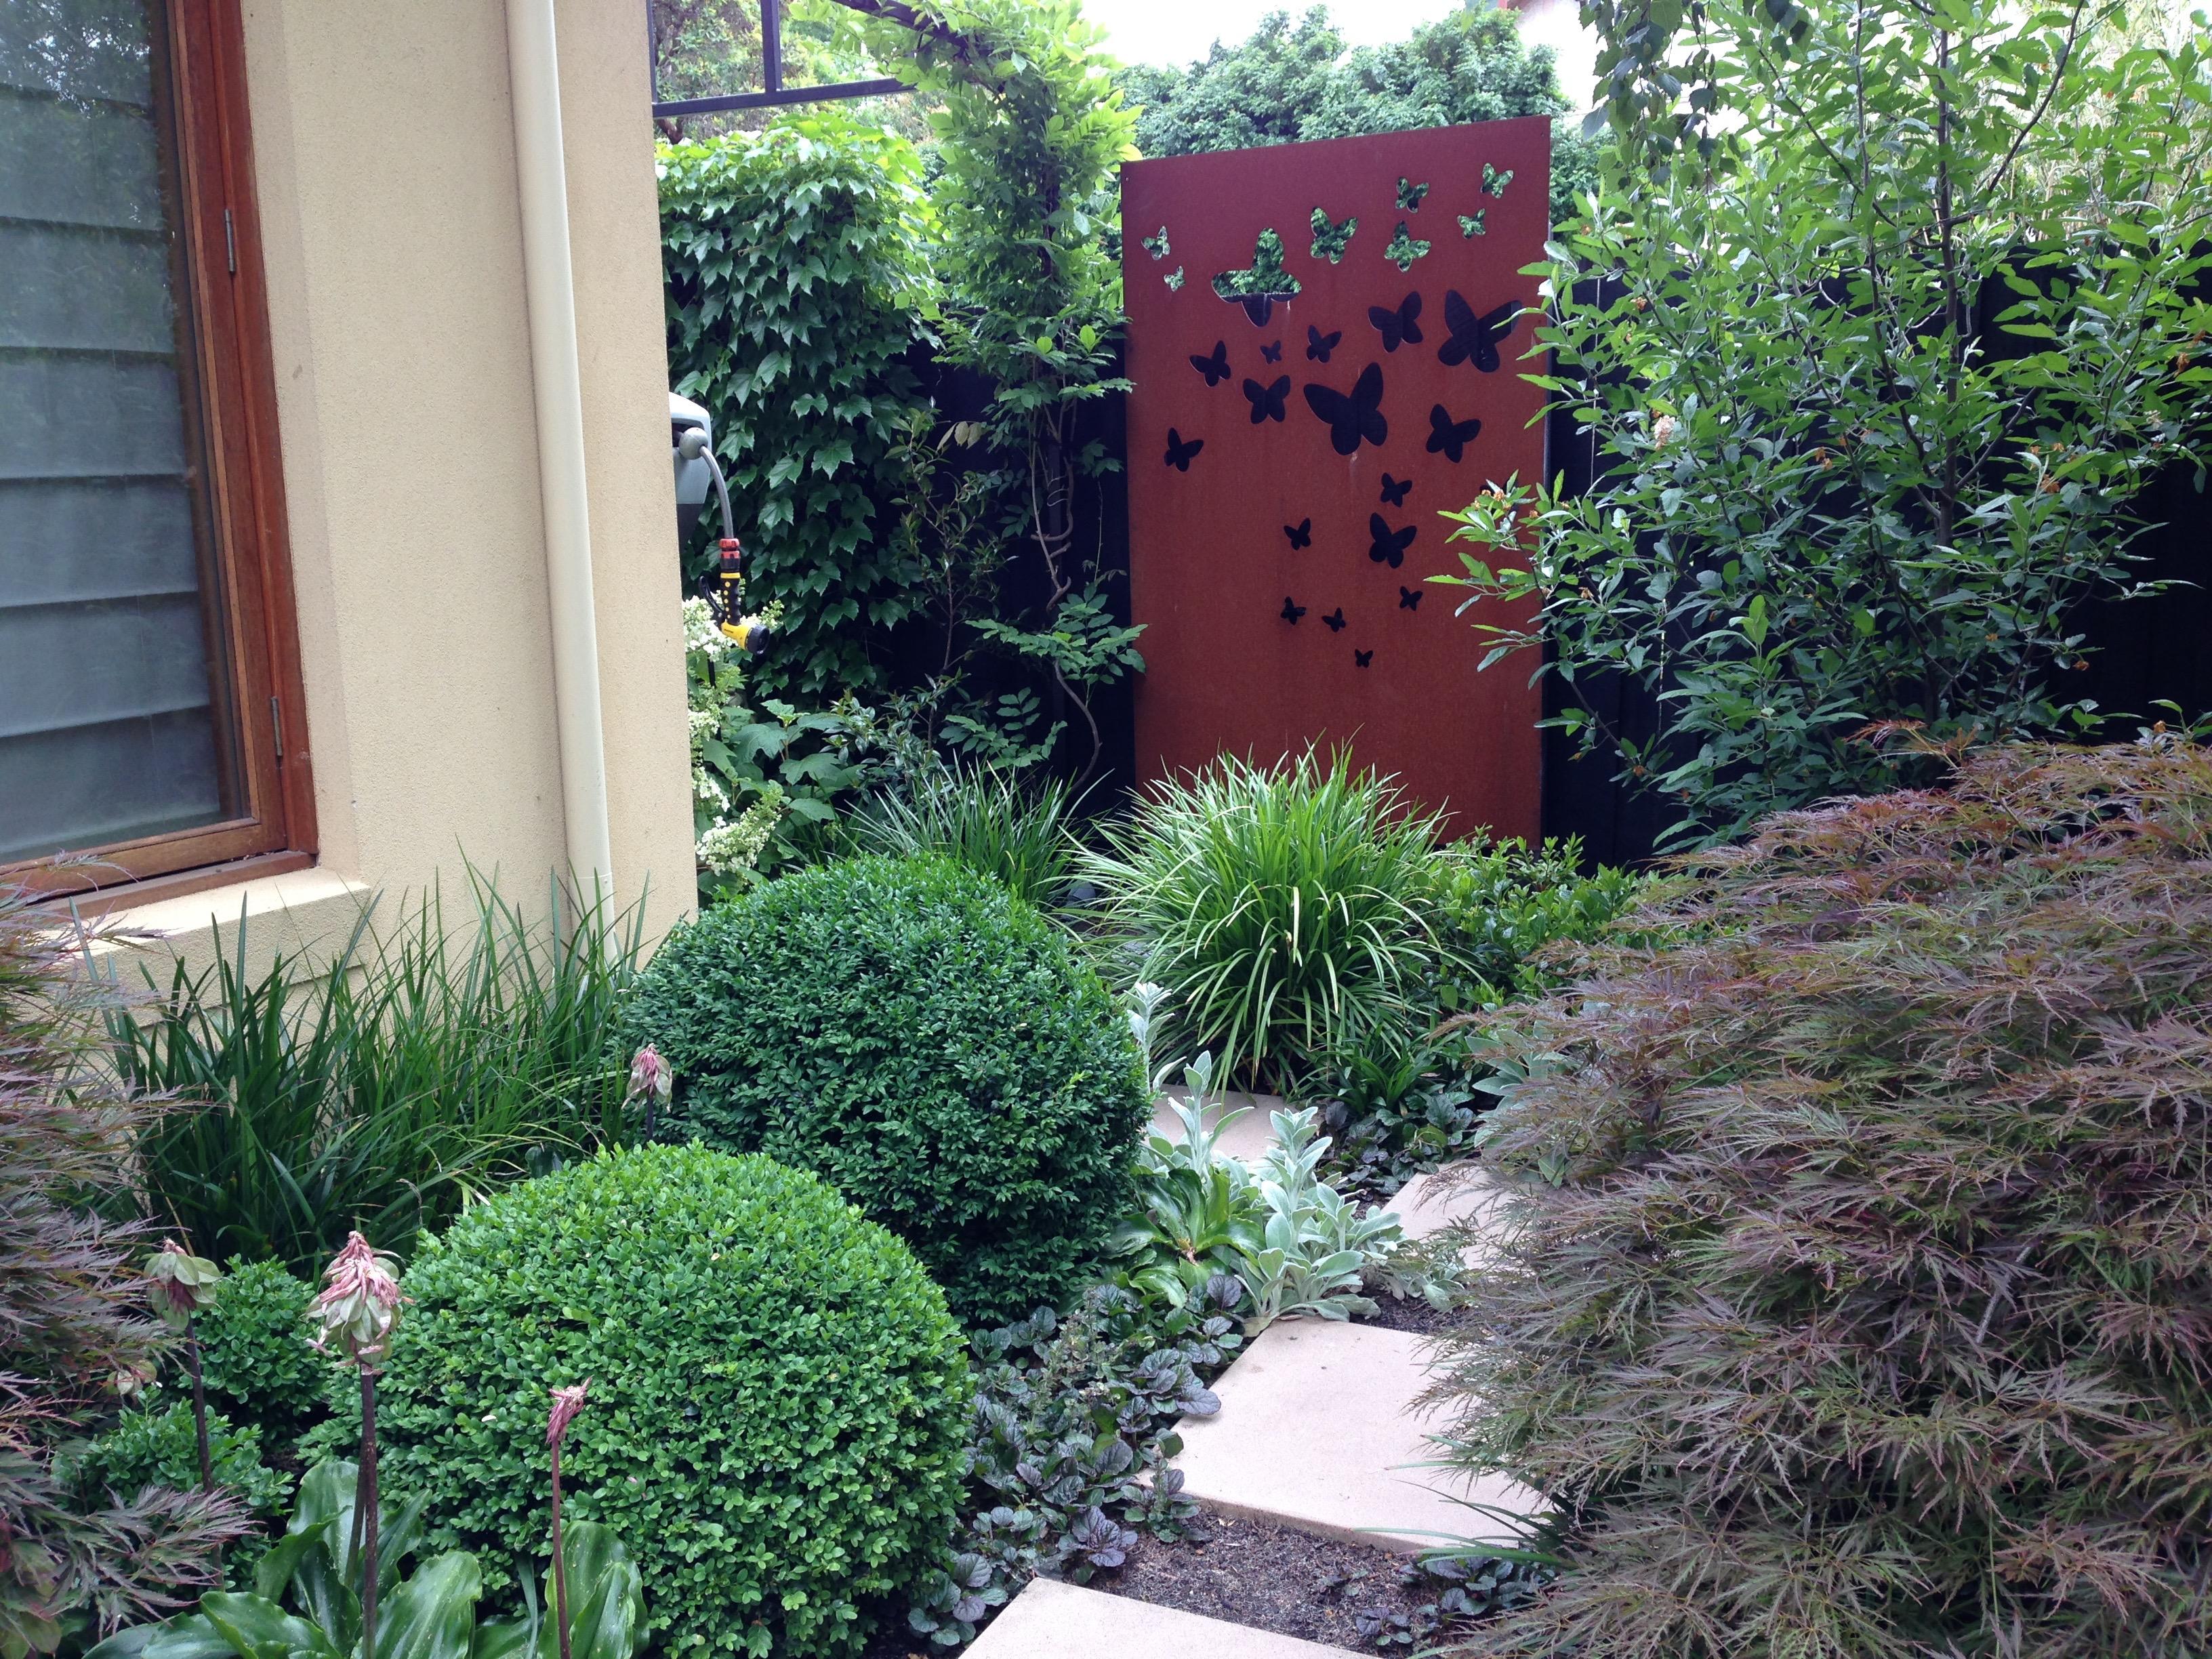 Garden Artwork In Melbourne. Janna Schreier